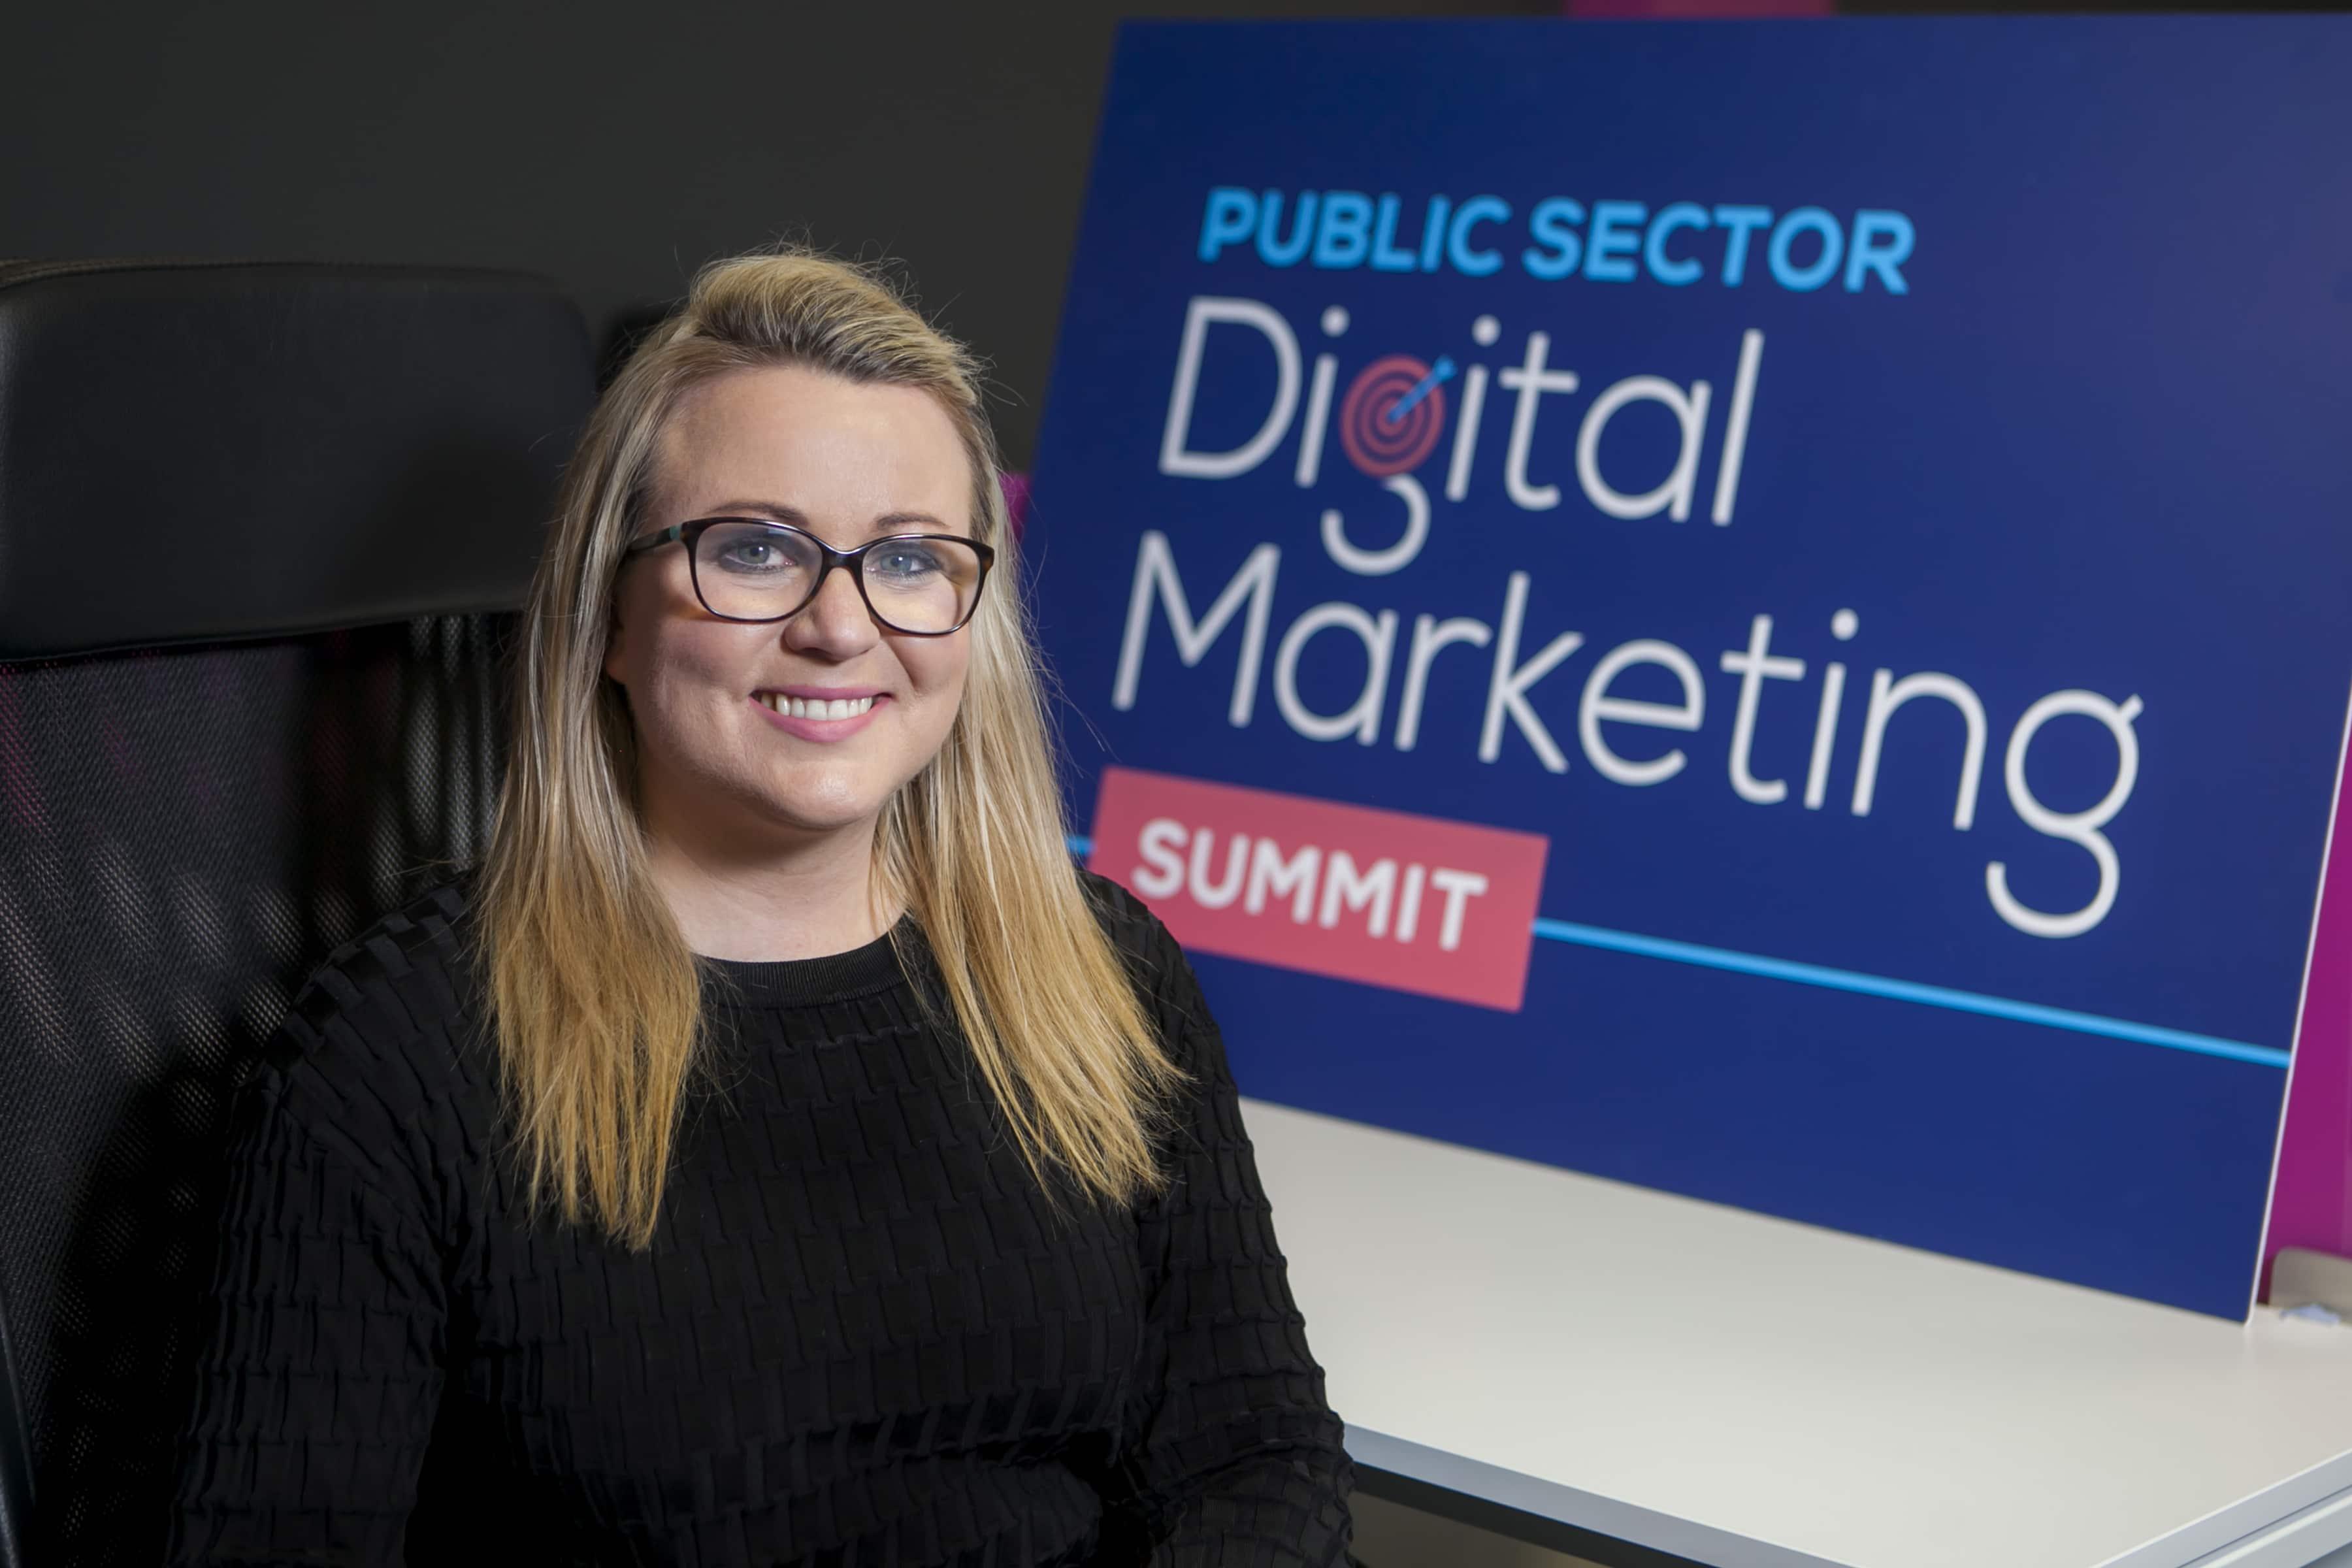 Joanne Sweeney-Burke organiser of the Public Sector Digital Marketing Summit